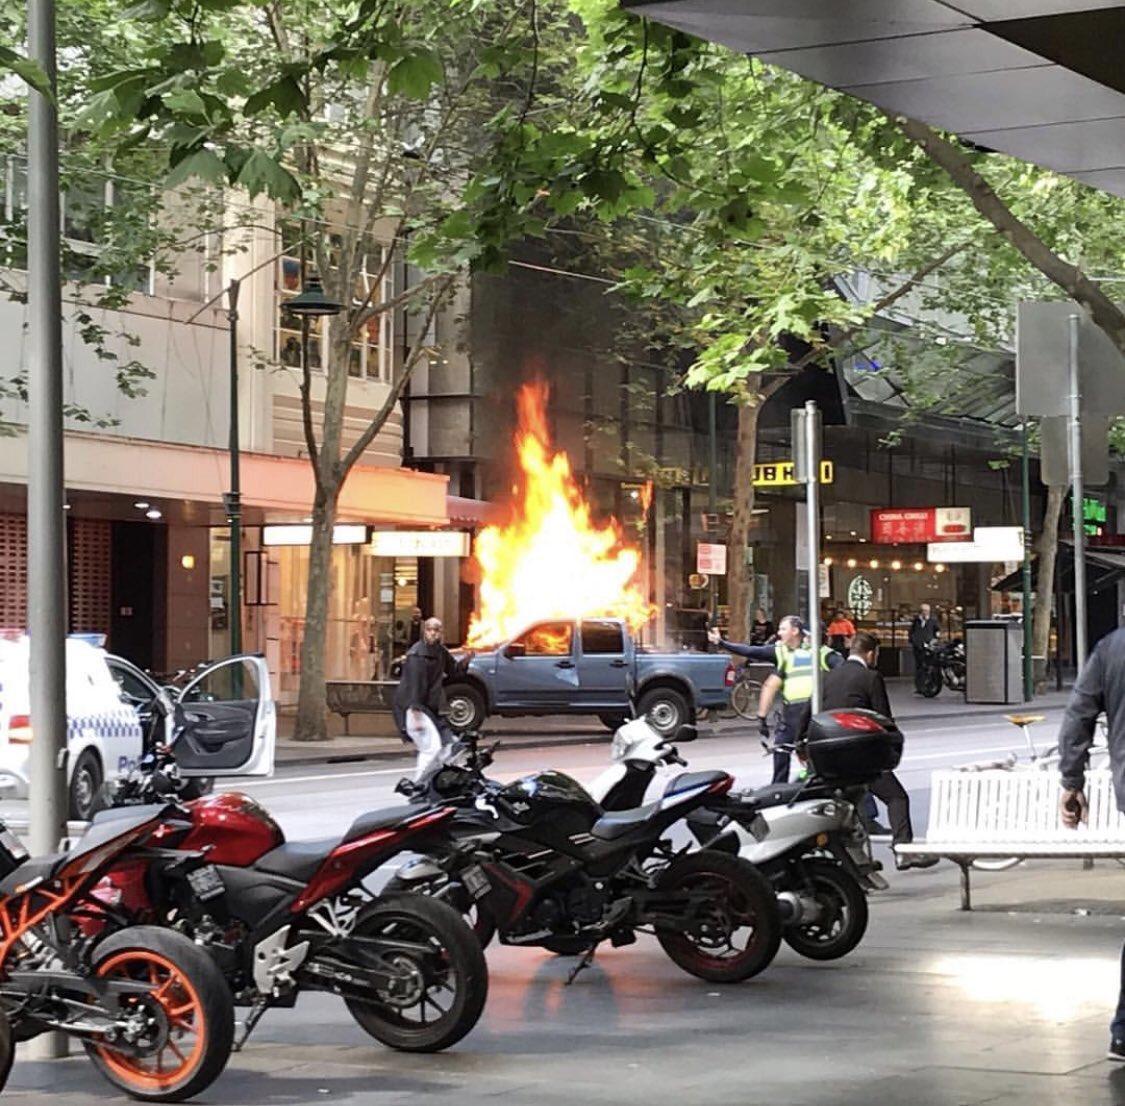 Attacco di Melbourne, morto l'attentatore: è terrorismo